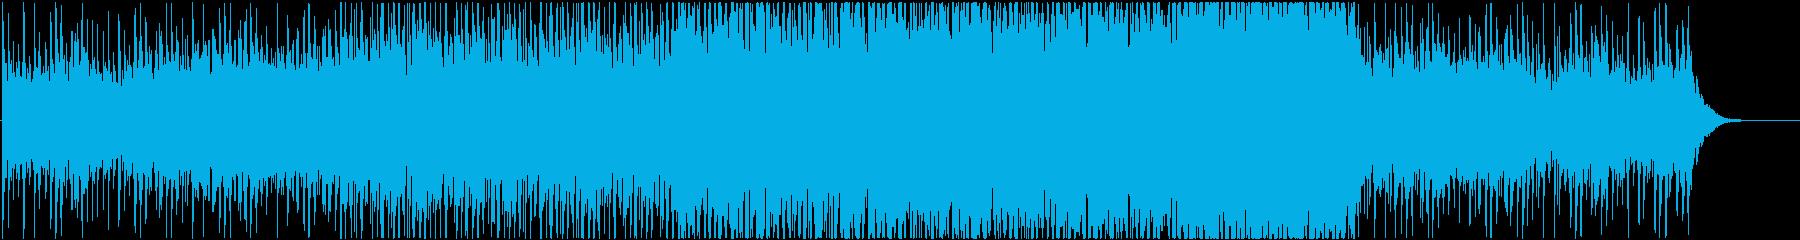 陽気で徐々に盛り上がるケルト風楽曲①の再生済みの波形